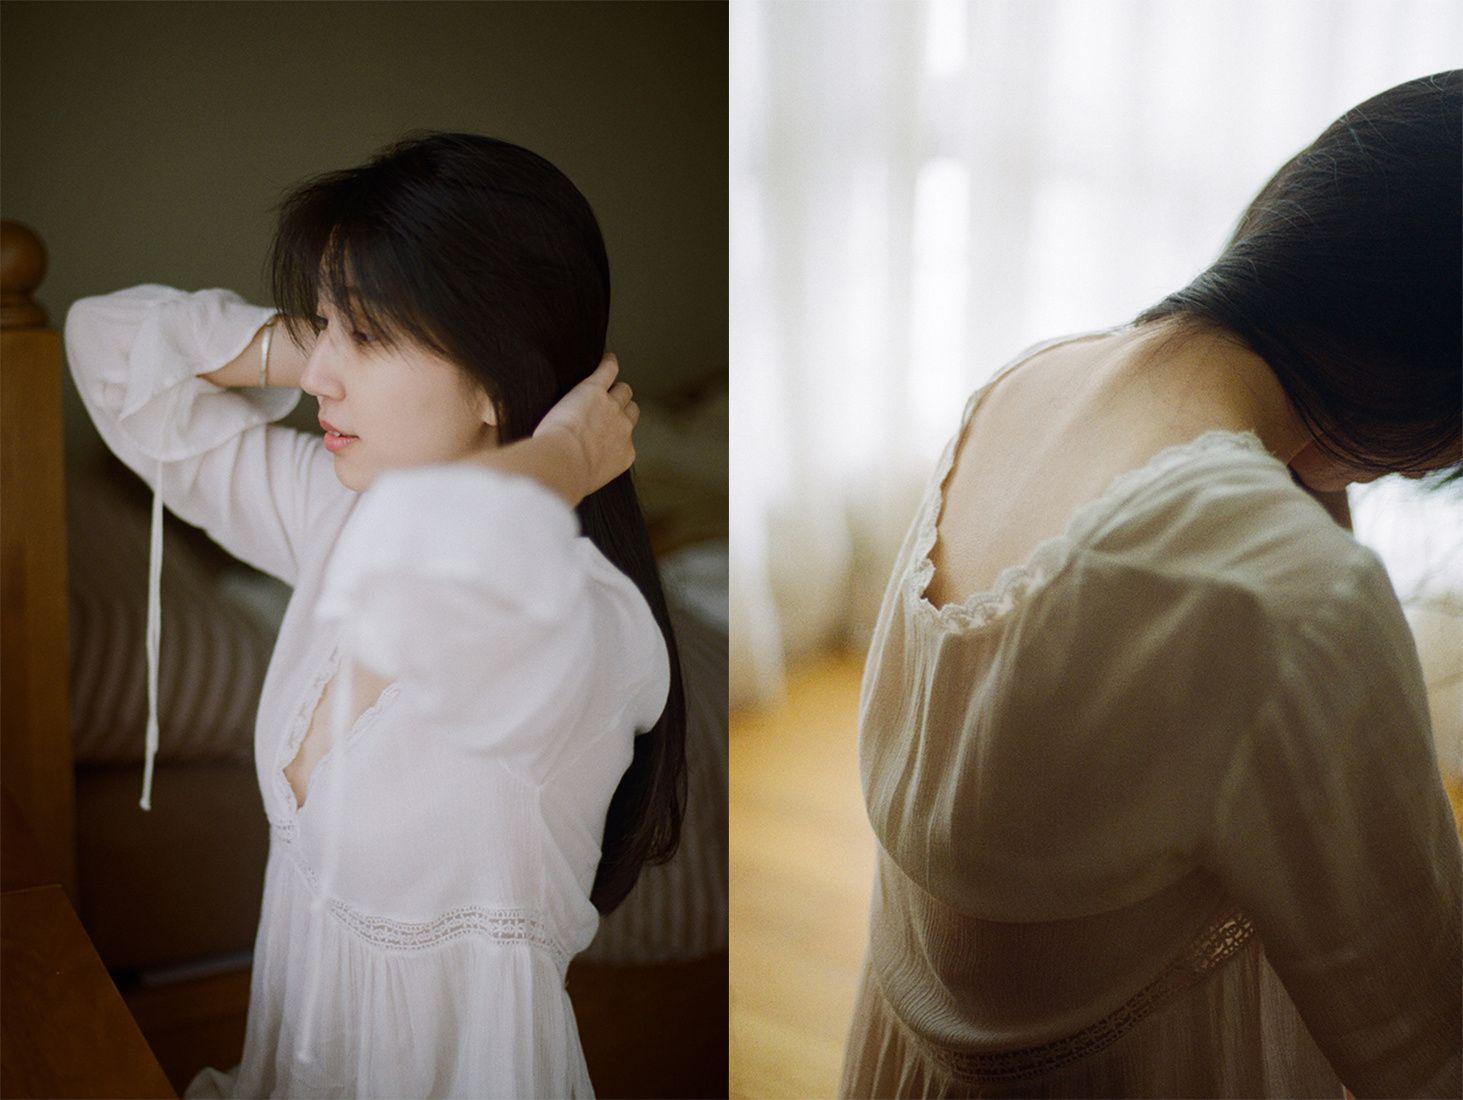 鹰婕的照片 - 微相册